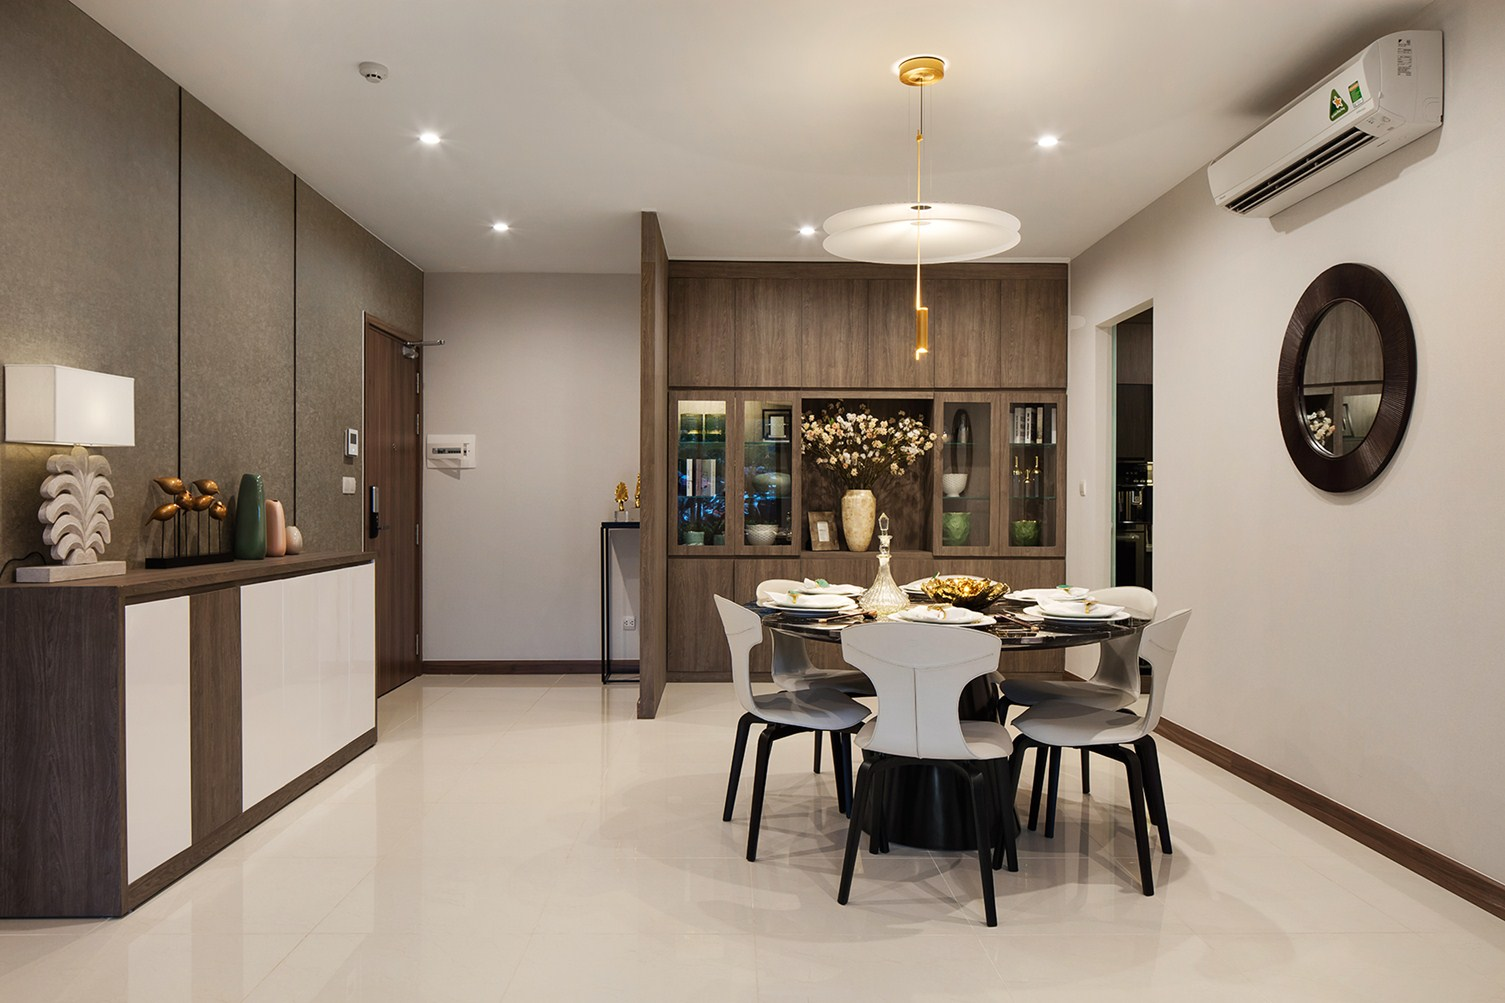 Các kinh nghiệm nhận bàn giao nhà căn hộ chung cư